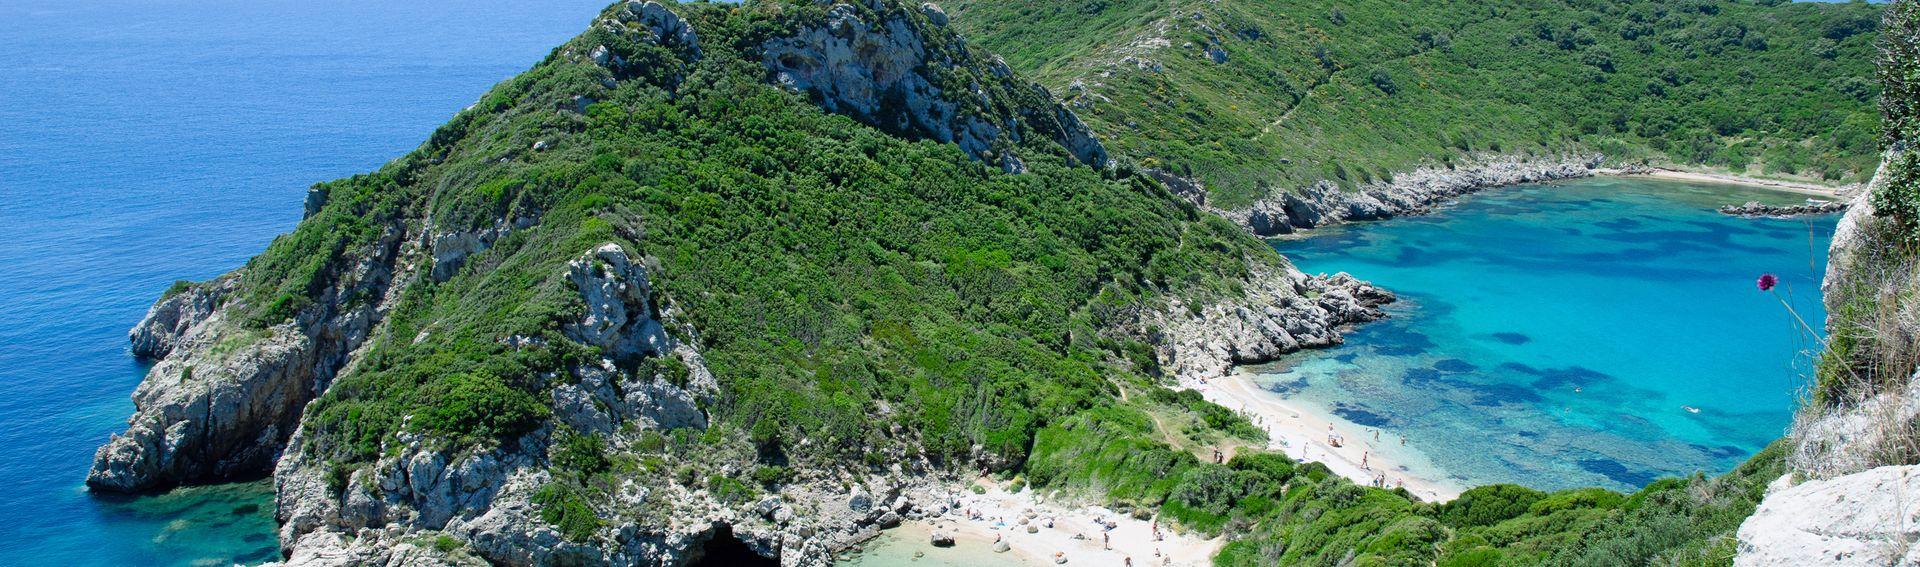 Agios Petros / Lefkimmi